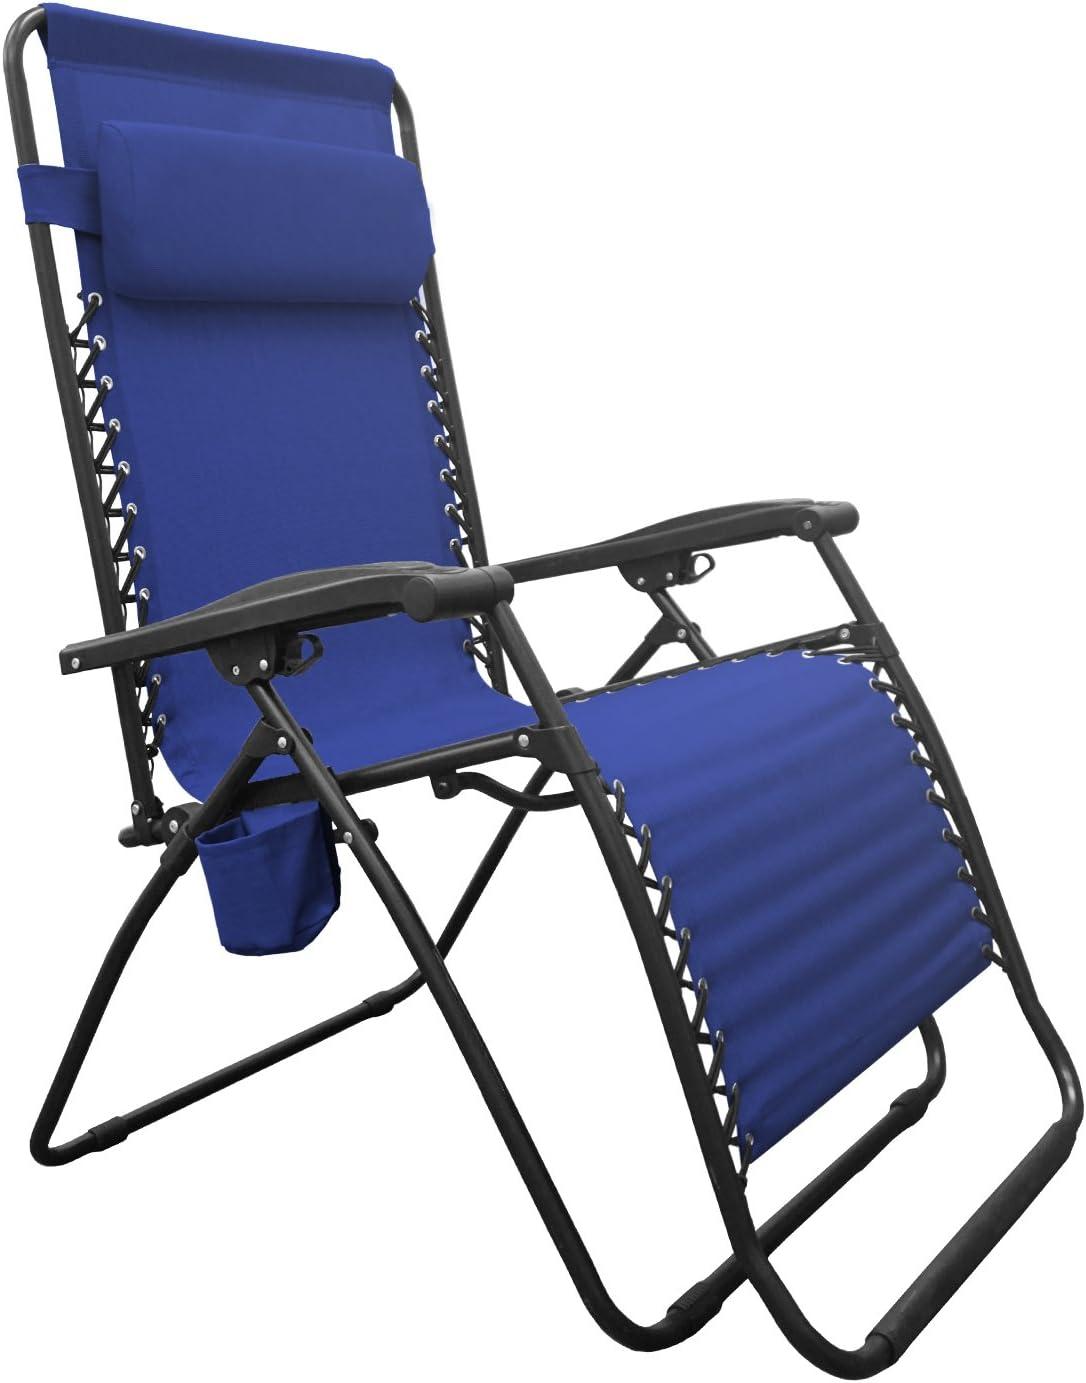 Caravan Sports BGC01021 Infinity Big Boy Zero Gravity, Blue Lounge Chair